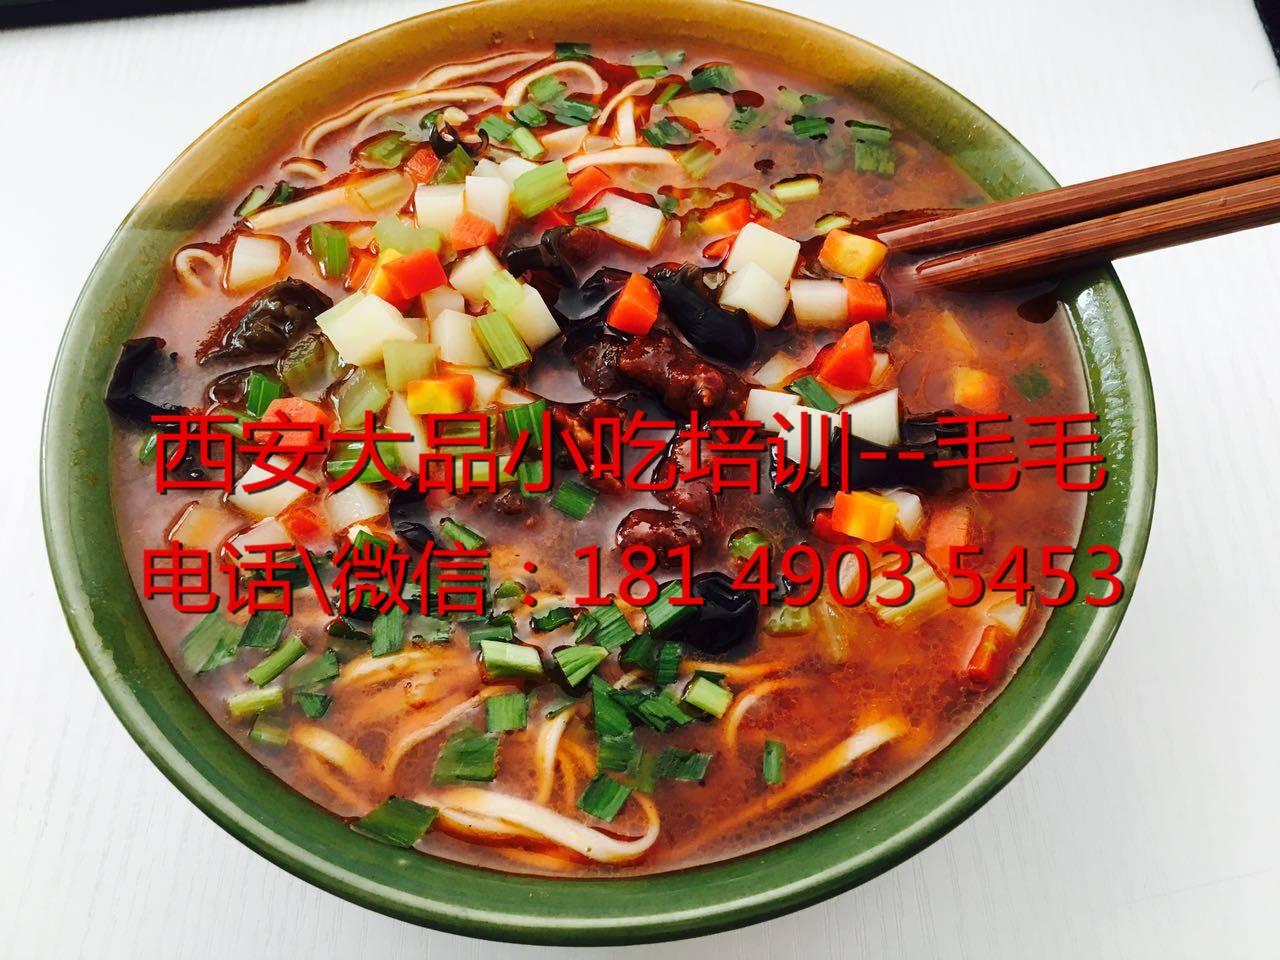 岐山臊子面的做法视频在西安大品培训面食班陕西特色面食臊子面培